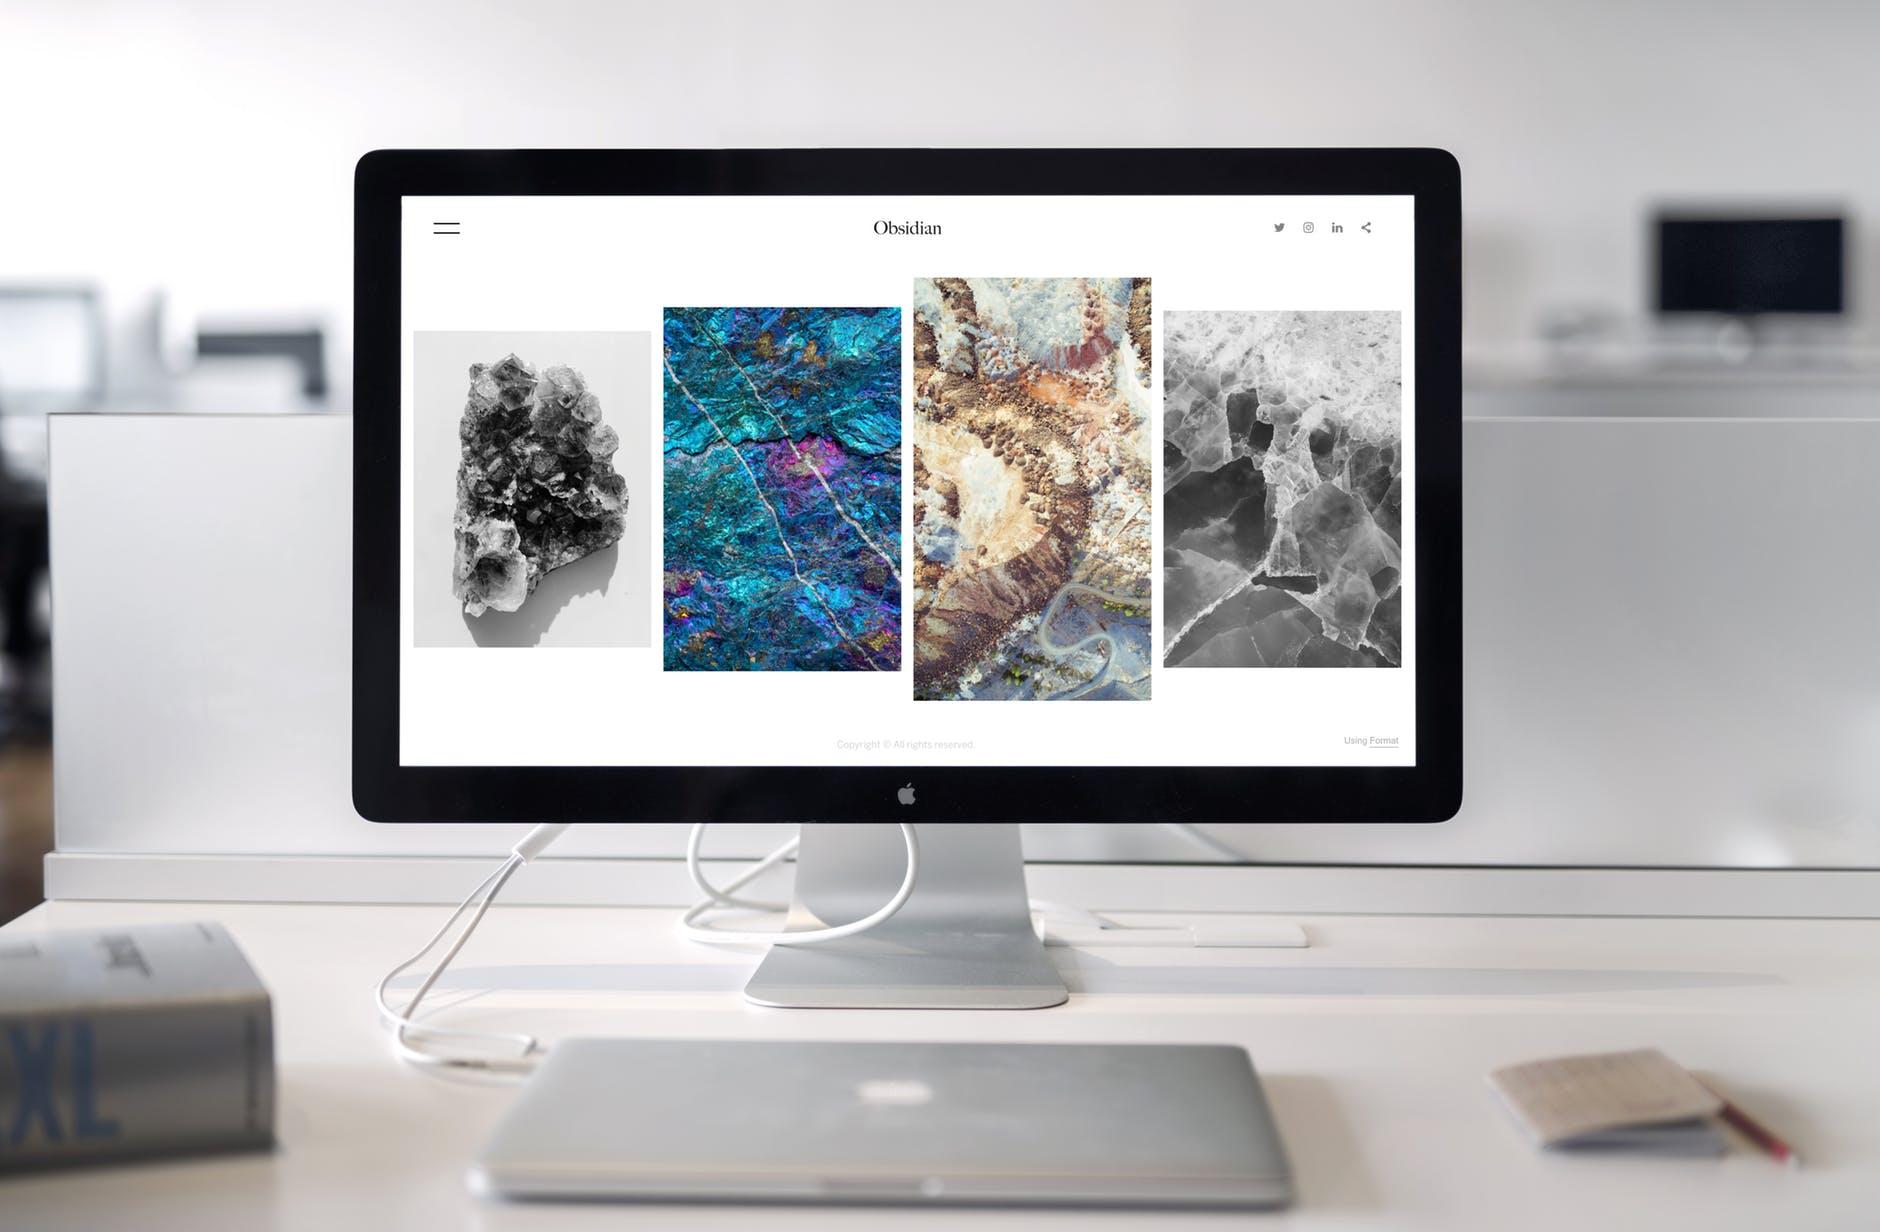 Sapo theme tháng 12/2018 – 11 giao diện website đẹp mới nhất trên kho giao diện Sapo